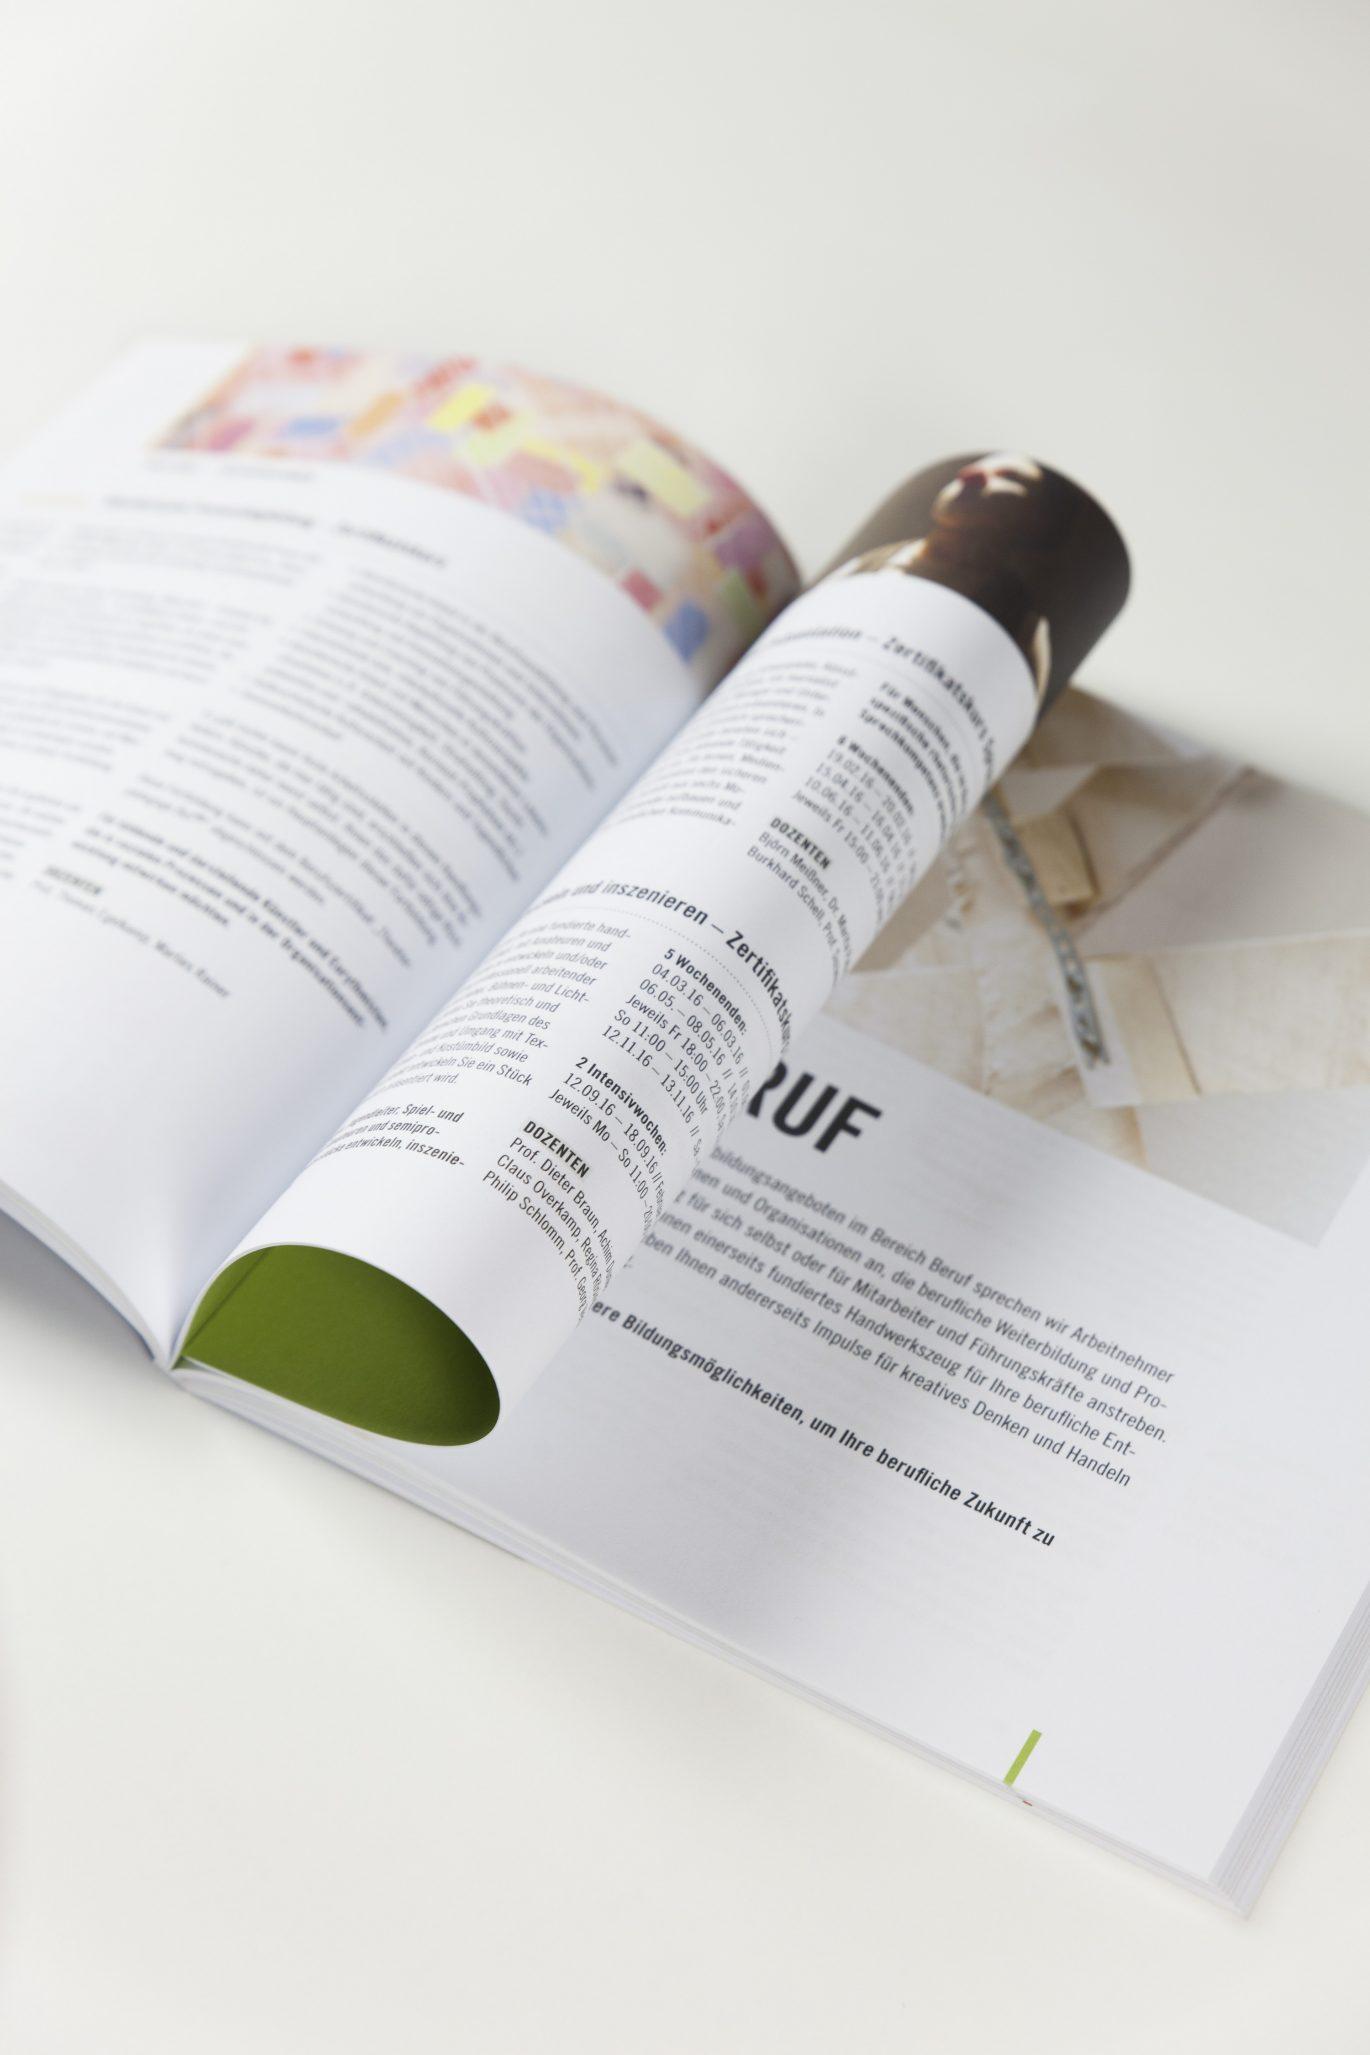 Innenseite | Kursbuch | Textsetzung | Editorial Design | Publikation